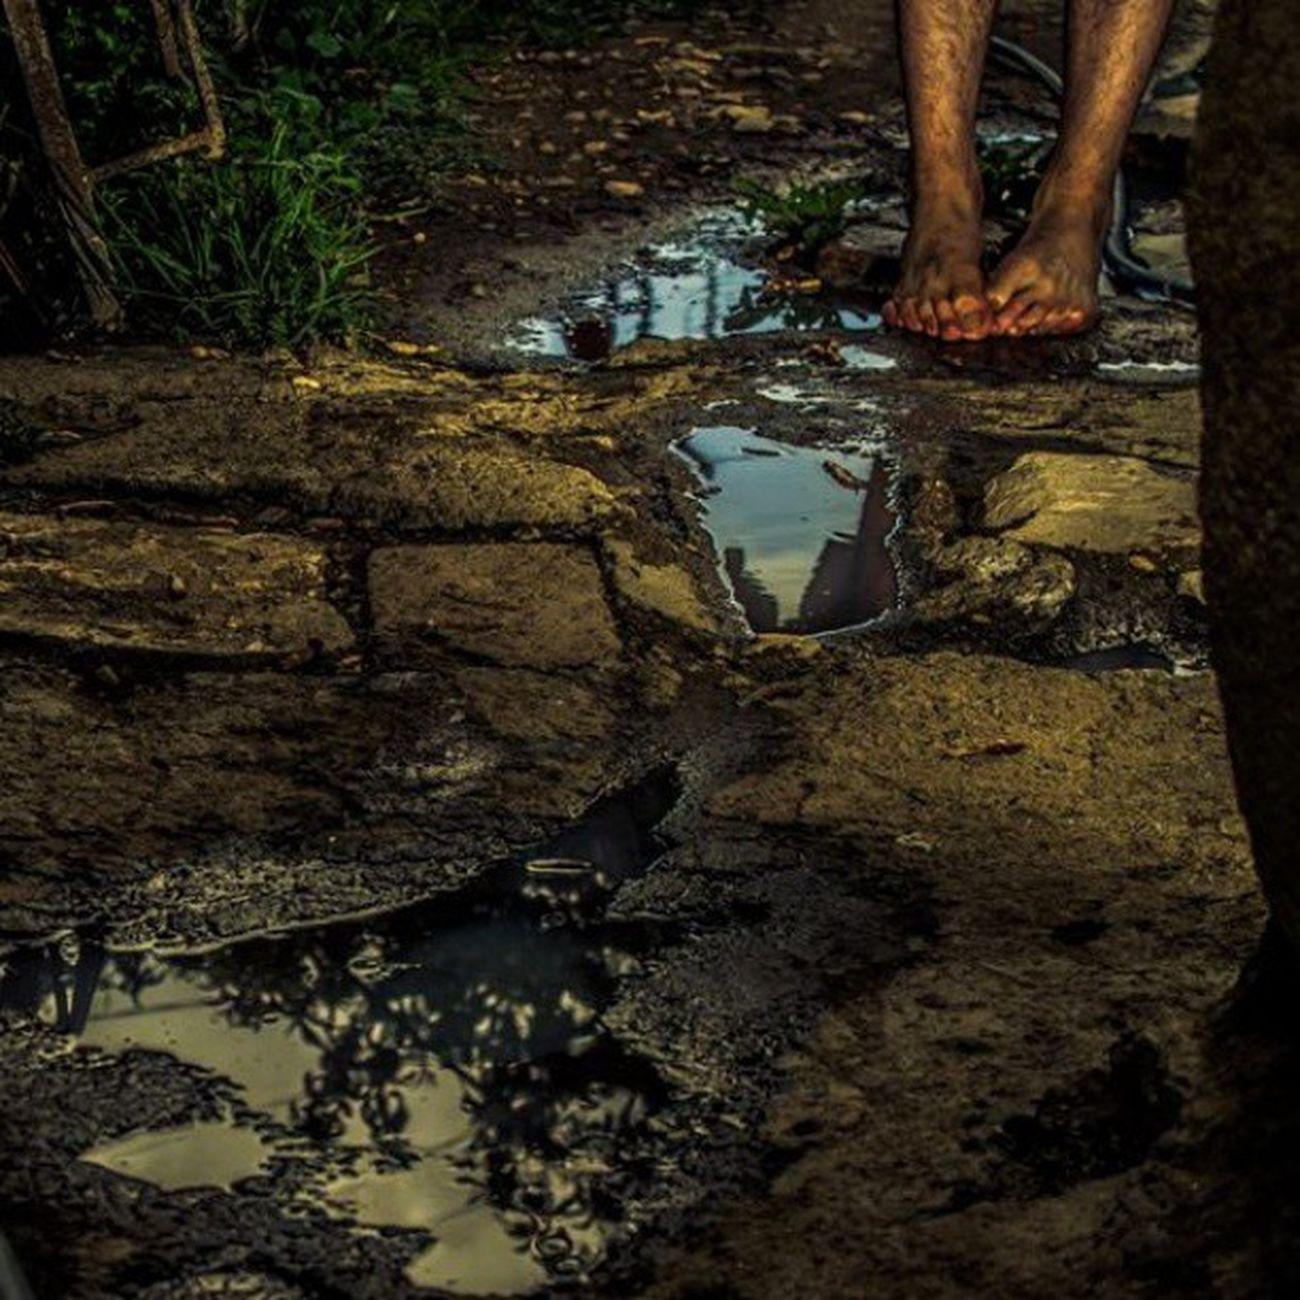 83/365 Ahfotografia 365project ByAlexHernández Photography MyArt